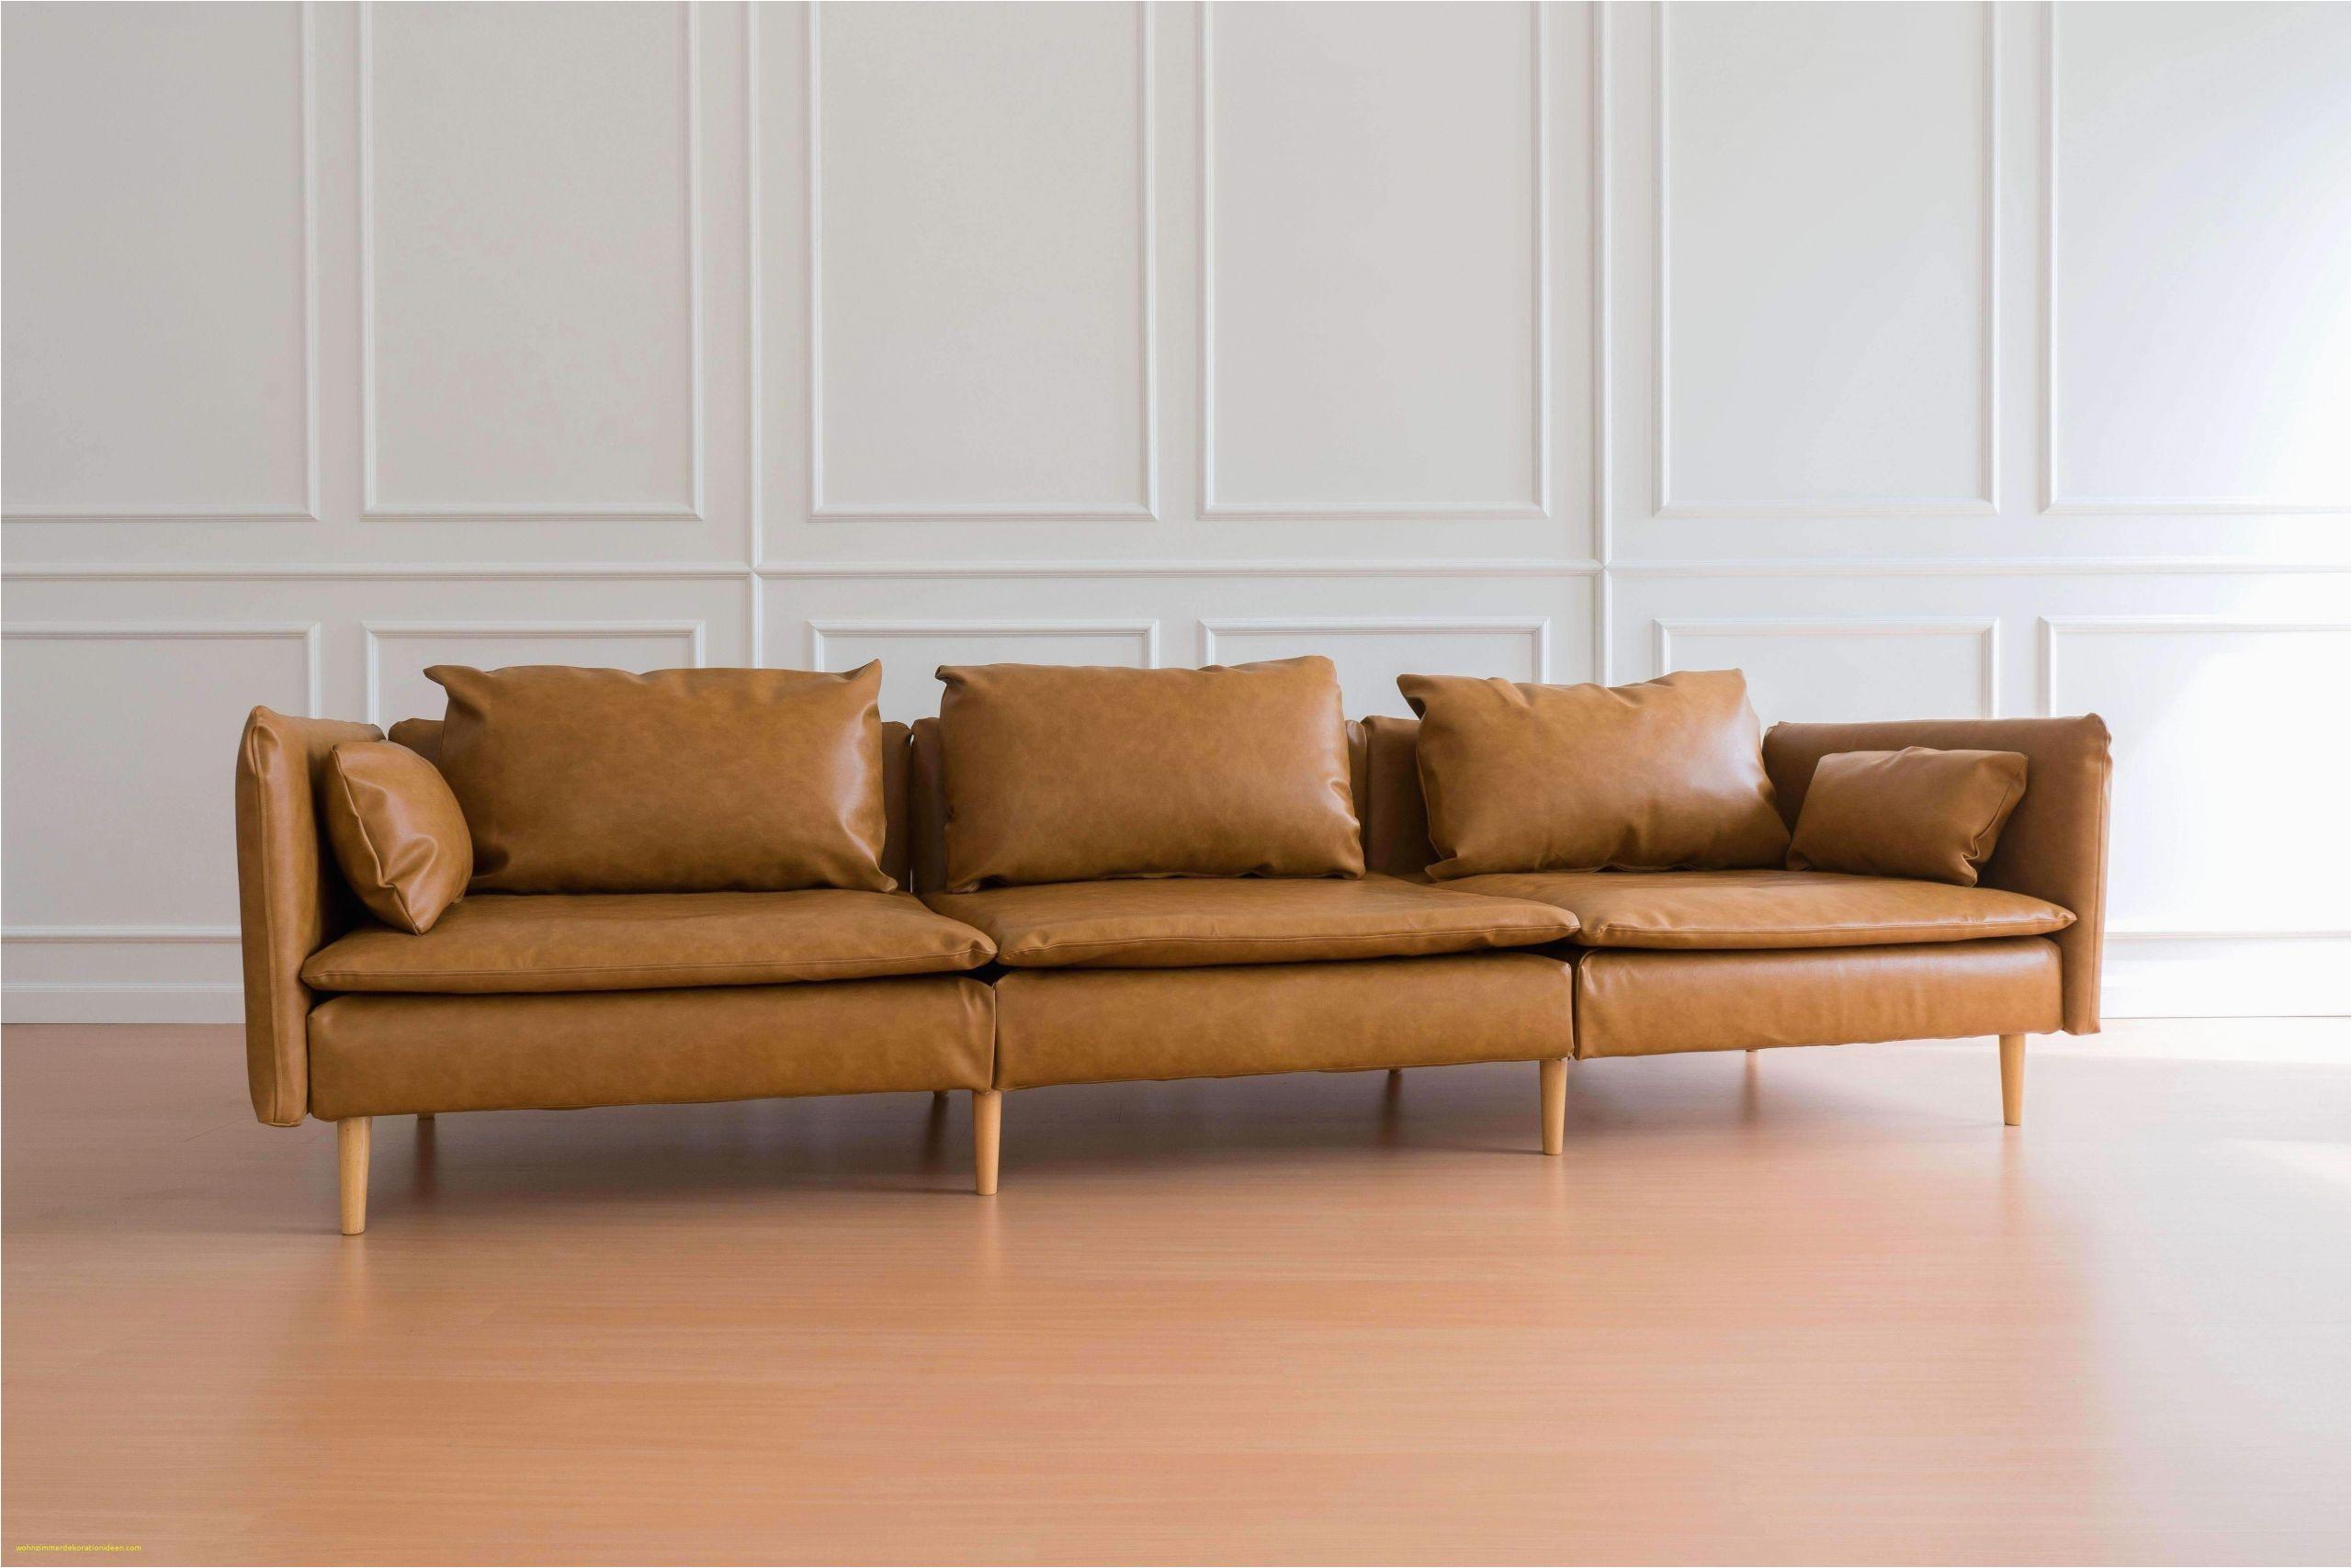 wohnzimmer sofa schon kleines sofa ikea inspirierend kleines ecksofa ikea bild of wohnzimmer sofa scaled